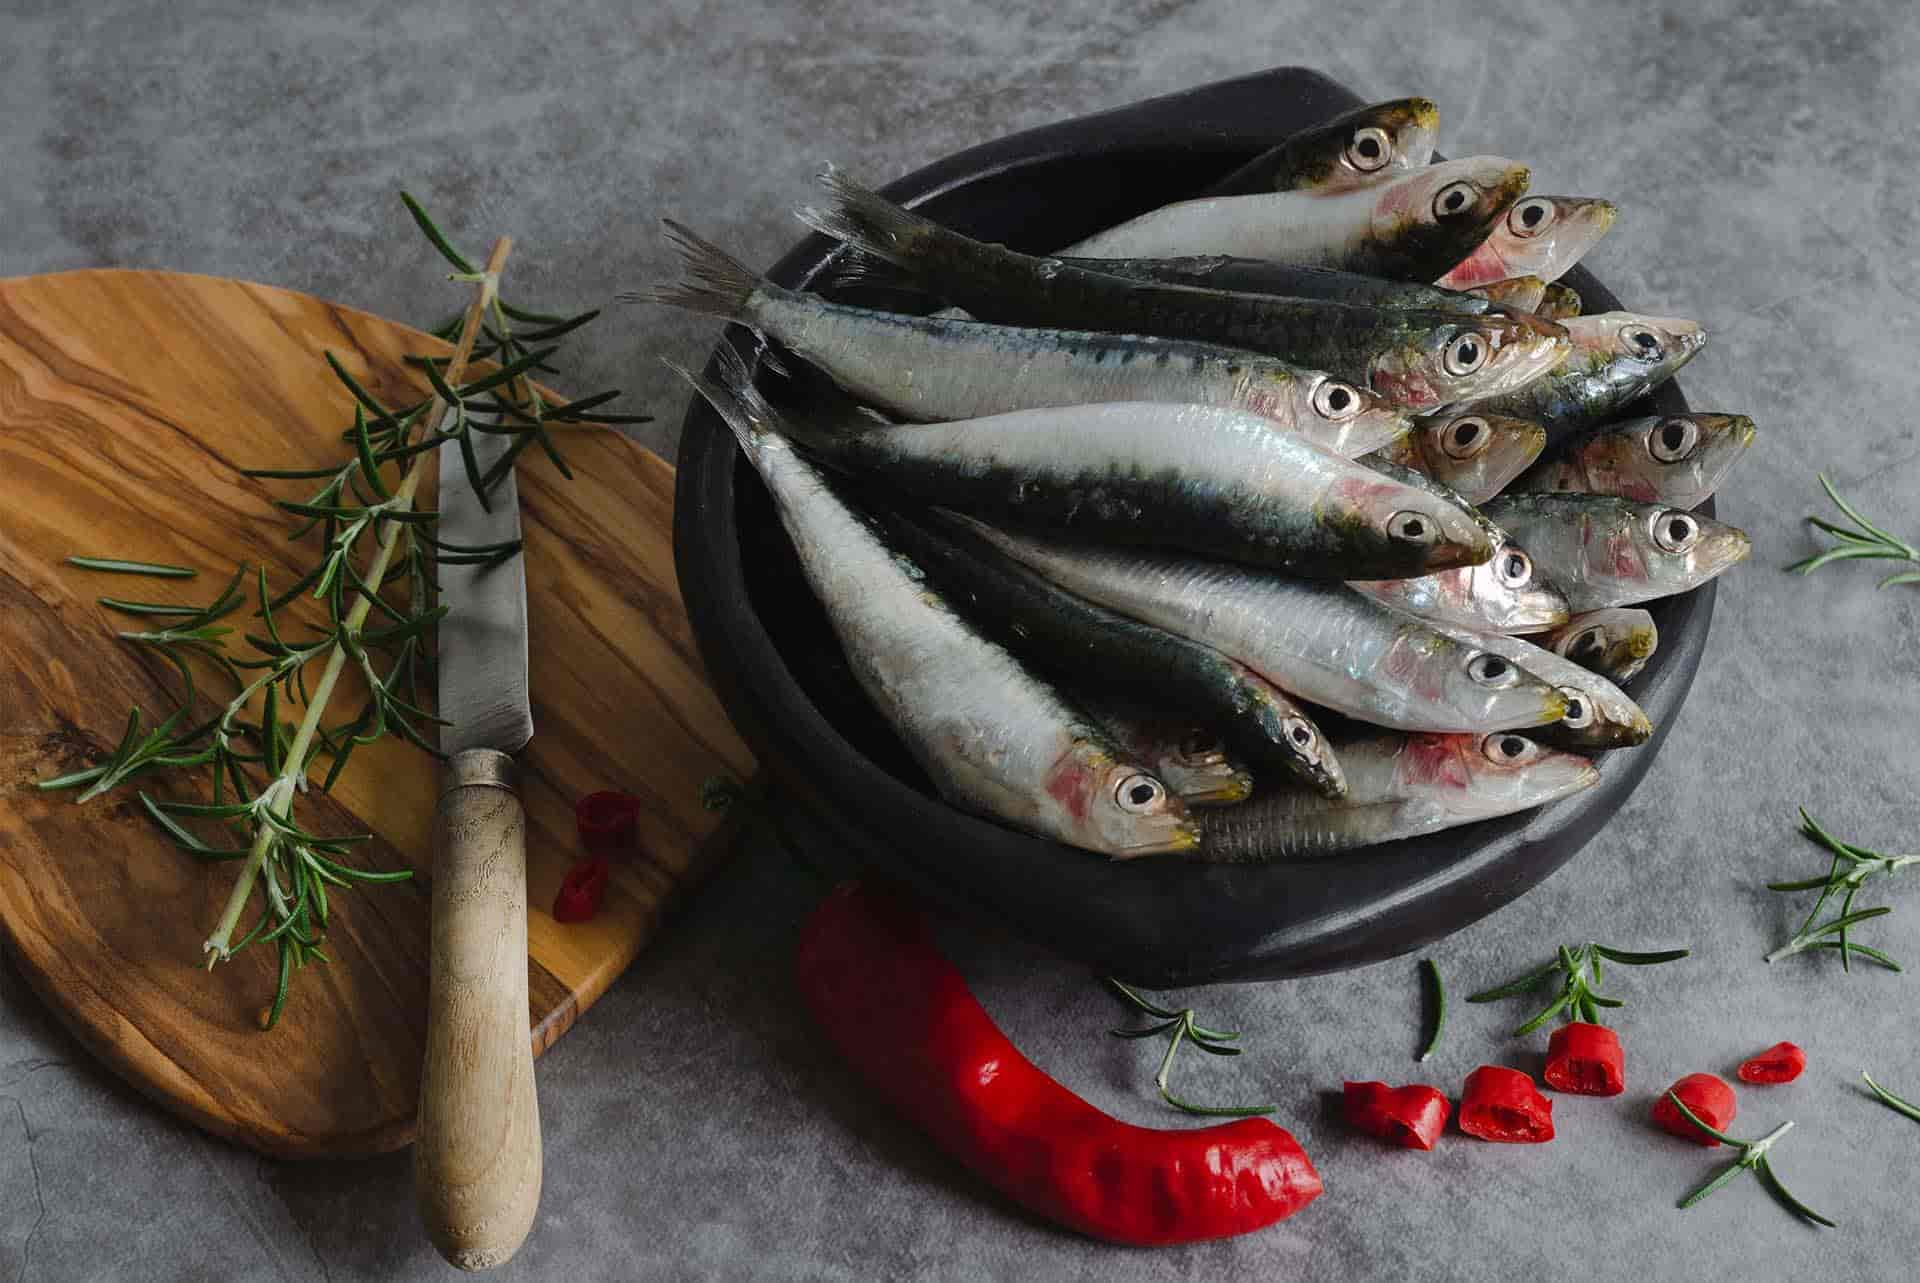 Kendi Küçük, Faydaları Büyük Bir Balık: Sardalye